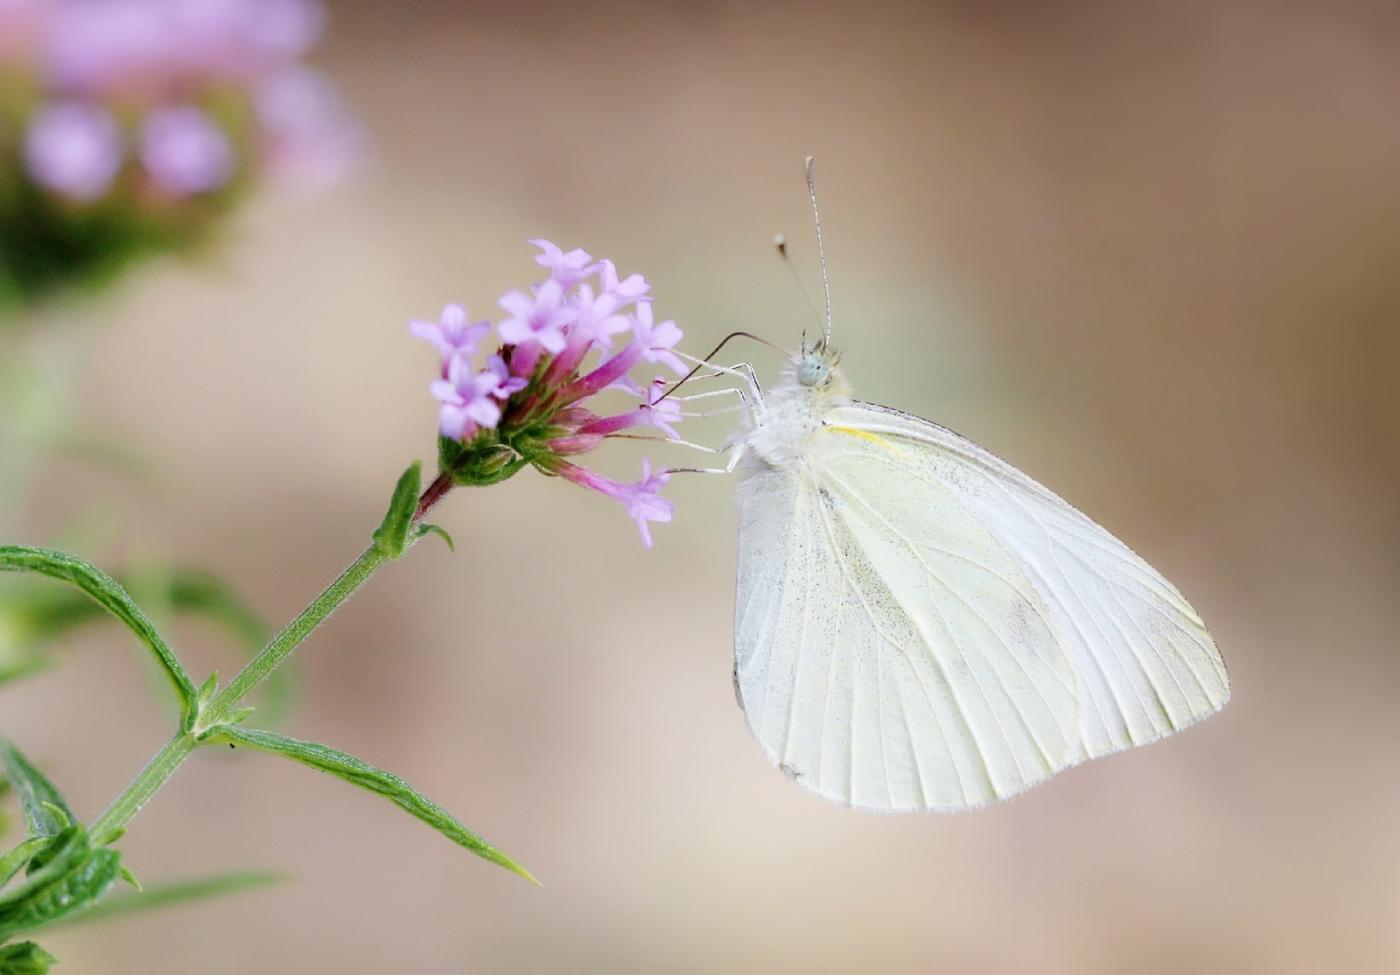 【田螺随拍】我院子里的蝴蝶_图1-2